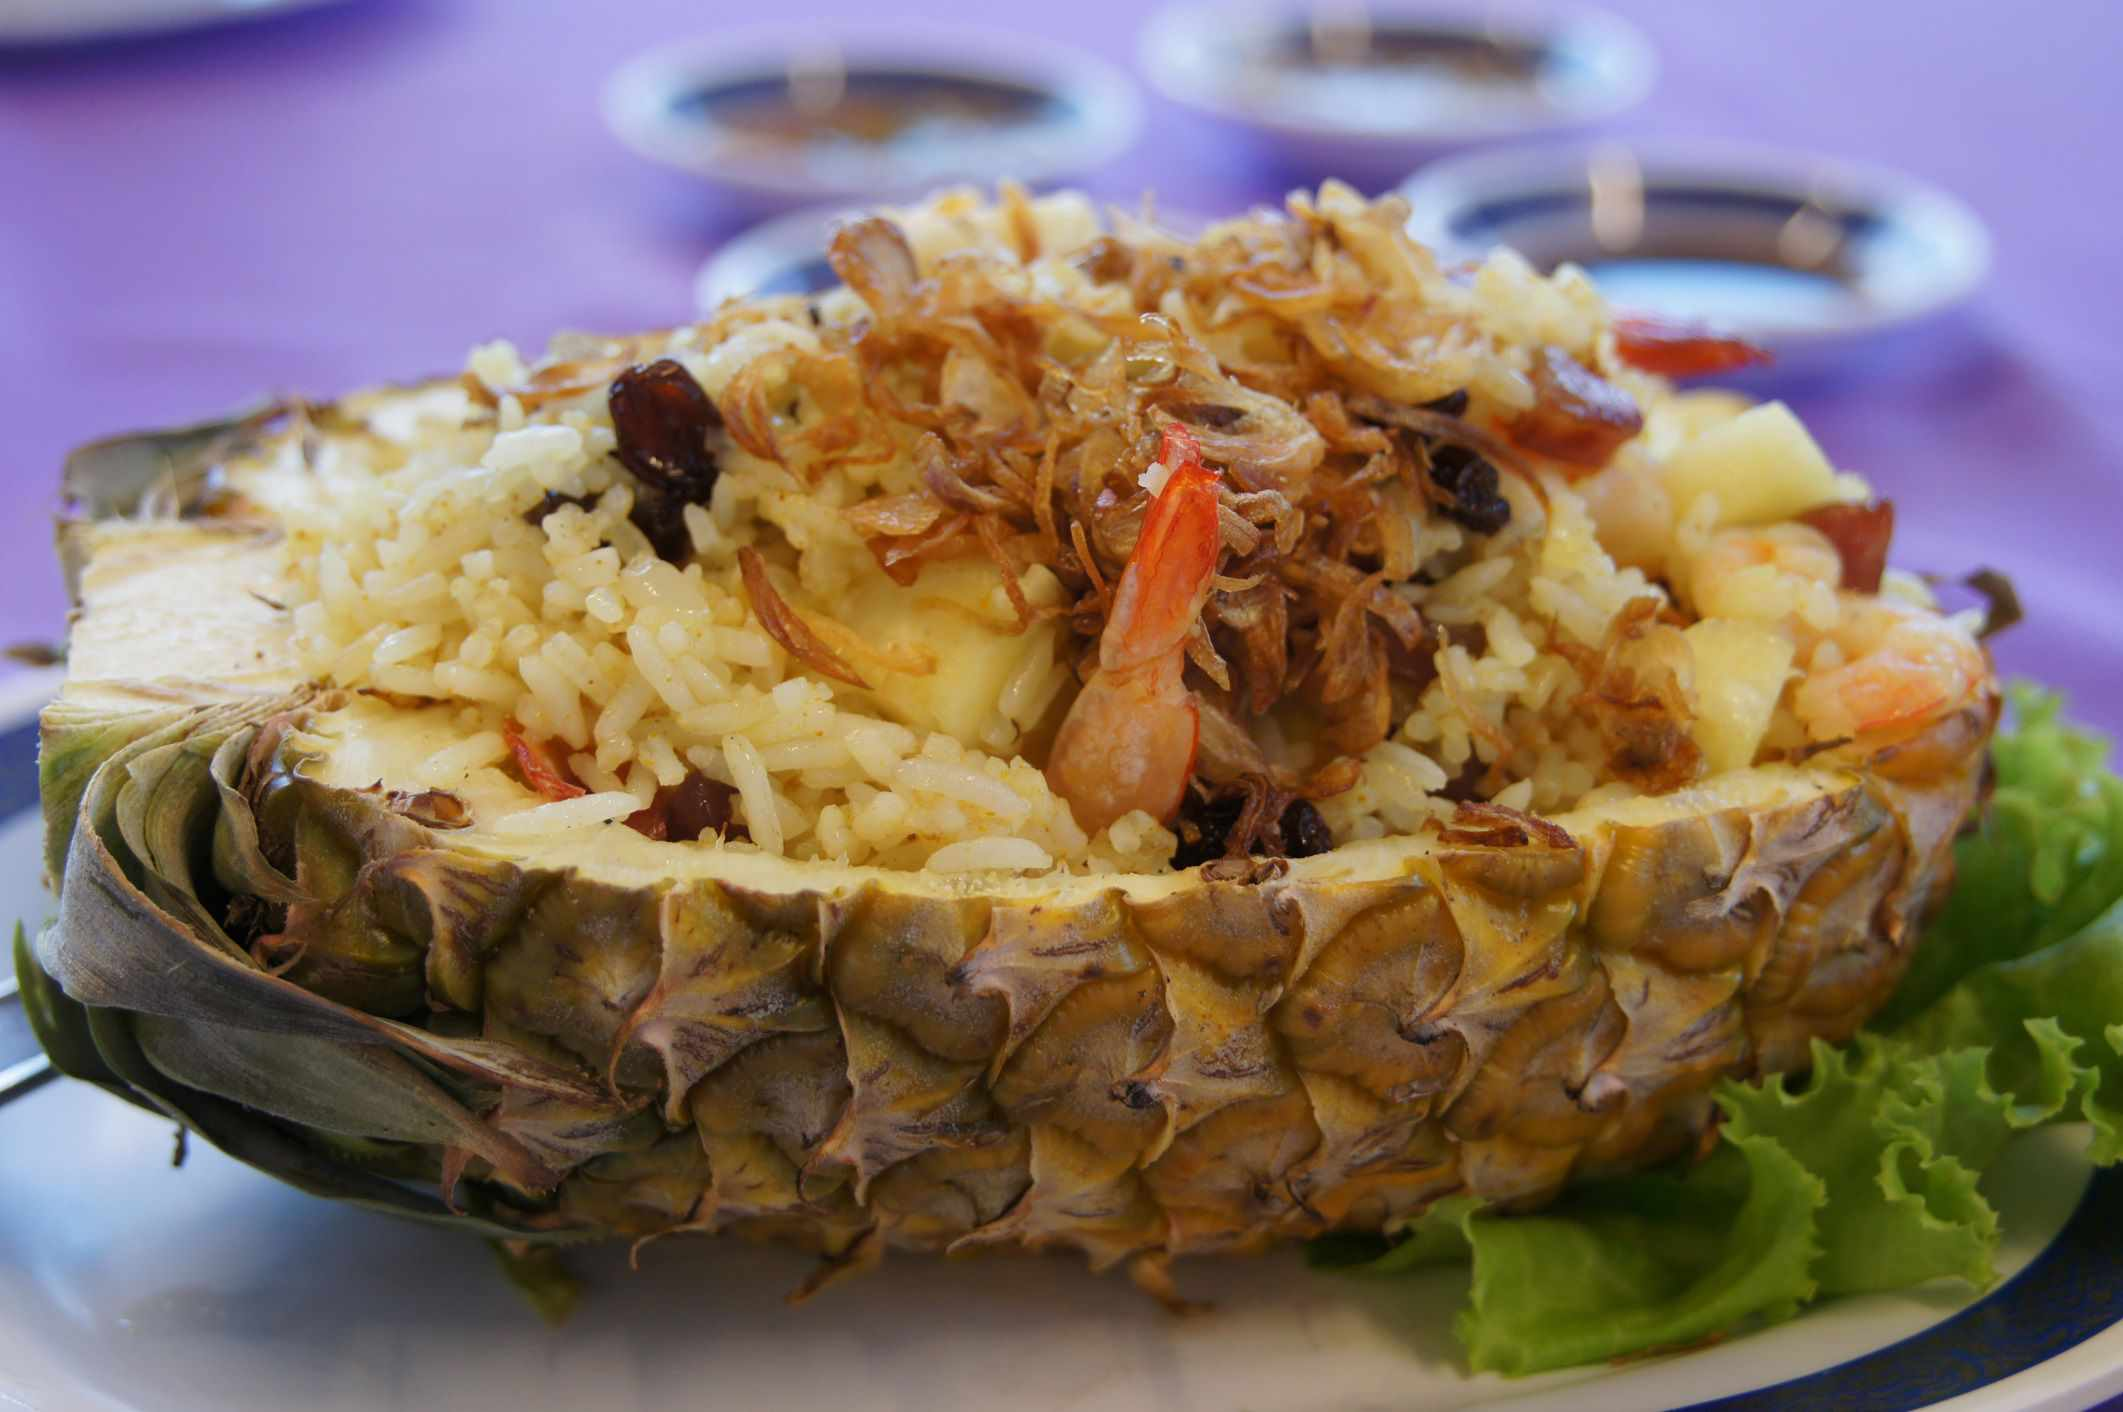 Pineapple shrimp fried rice